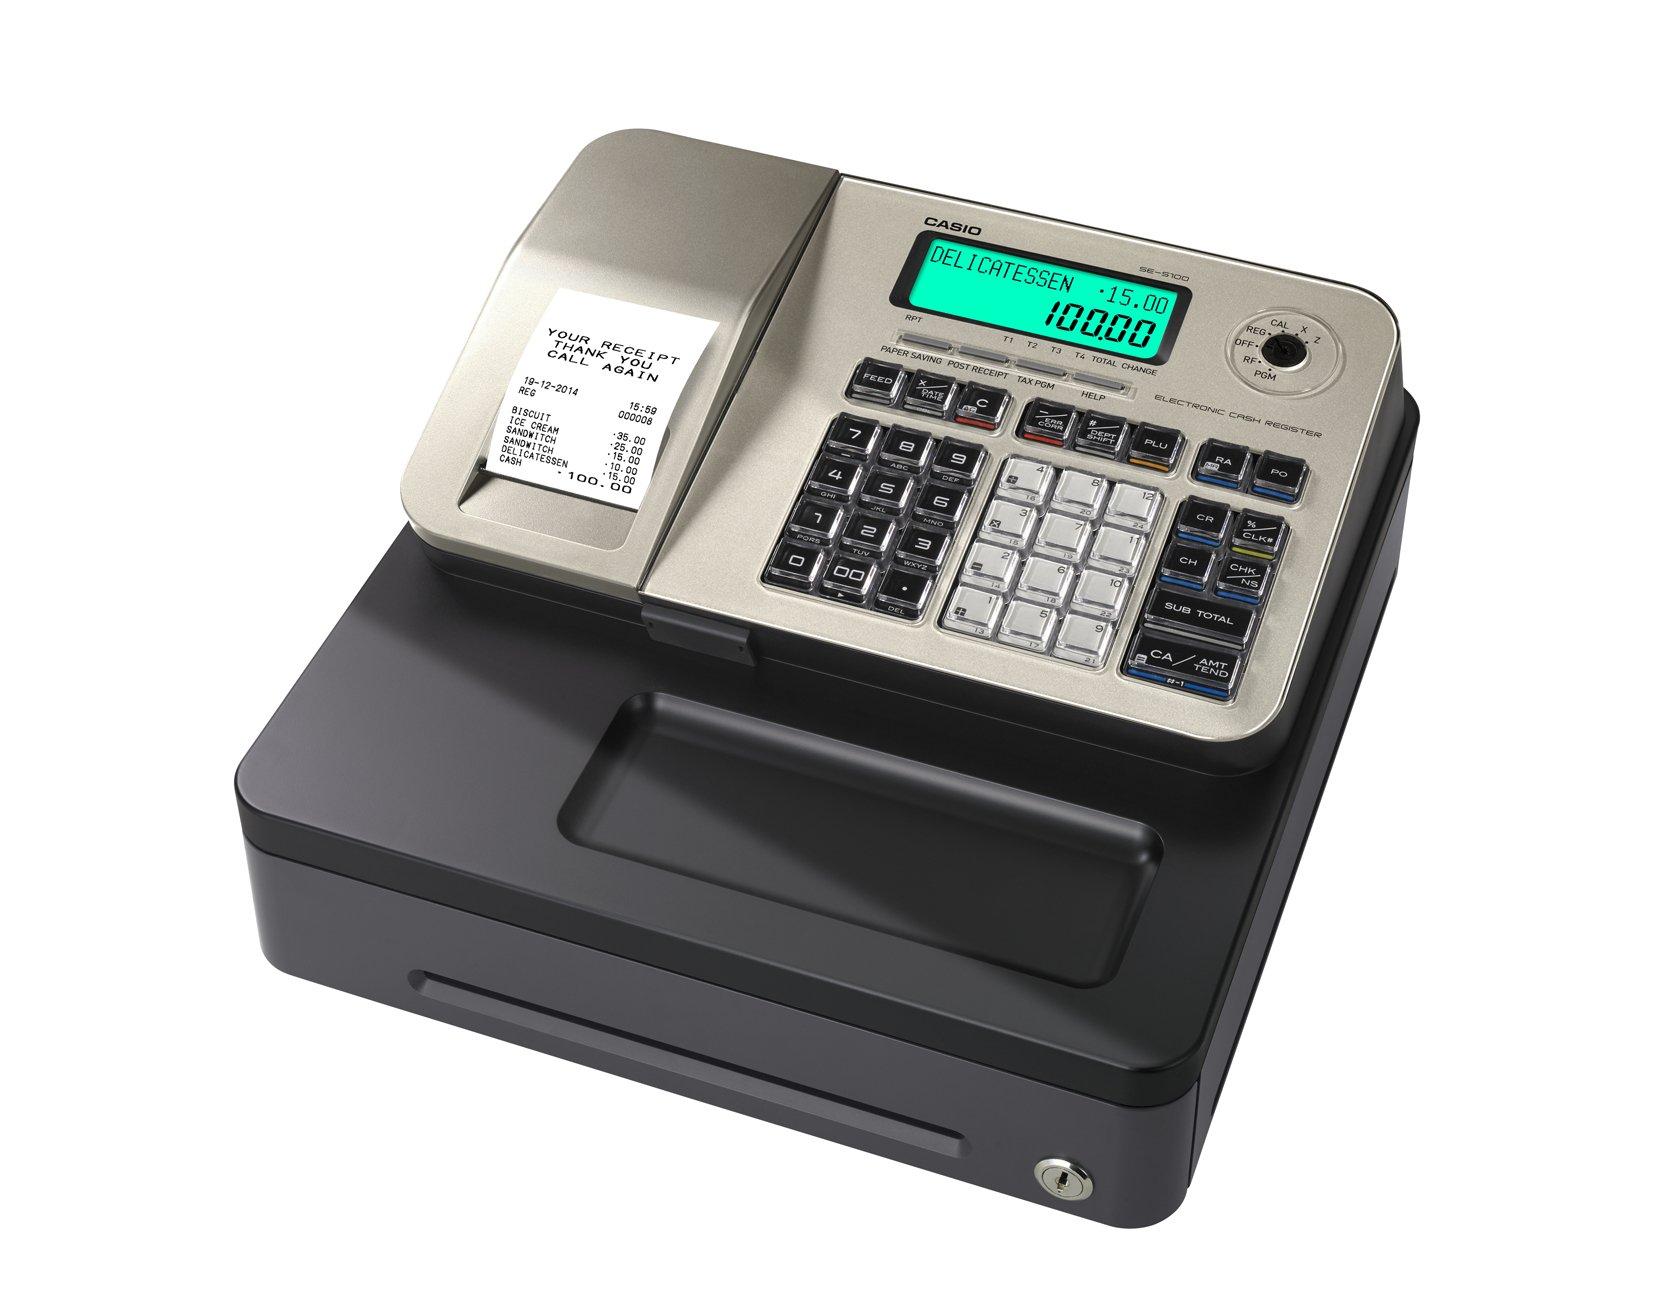 Caja registradora Casio SE-S100 (GOLD) 167 mm (Al) x 326 mm (An) x 345 mm (Pr): Amazon.es: Oficina y papelería